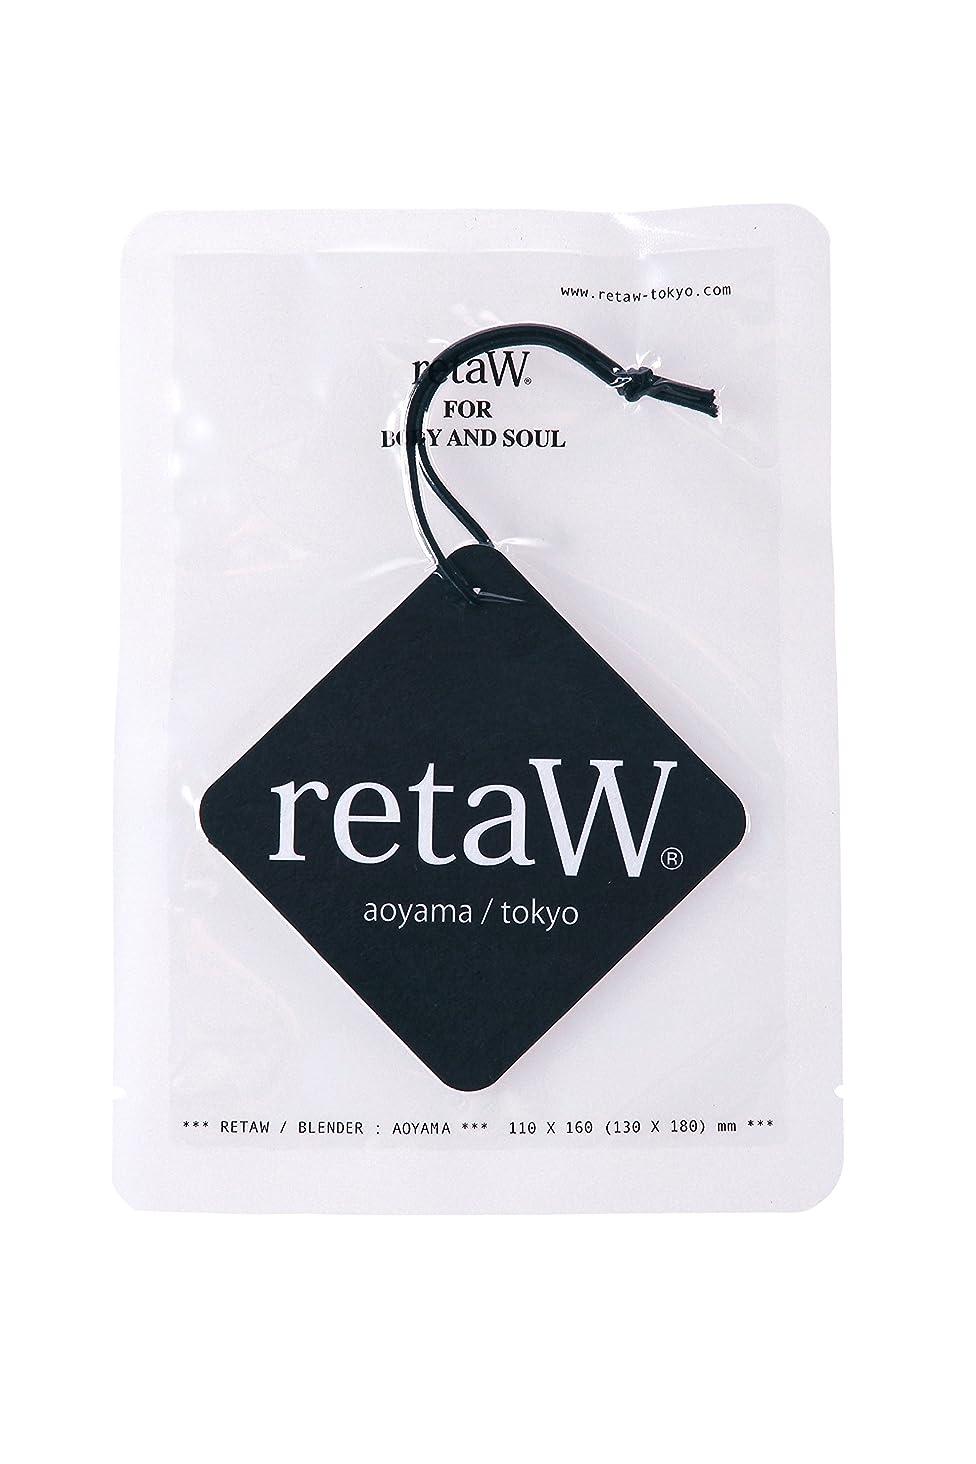 霊遅れ遅らせる【retaW】 フレグランス カータグ(エア フレッシュナー)ALLEN*